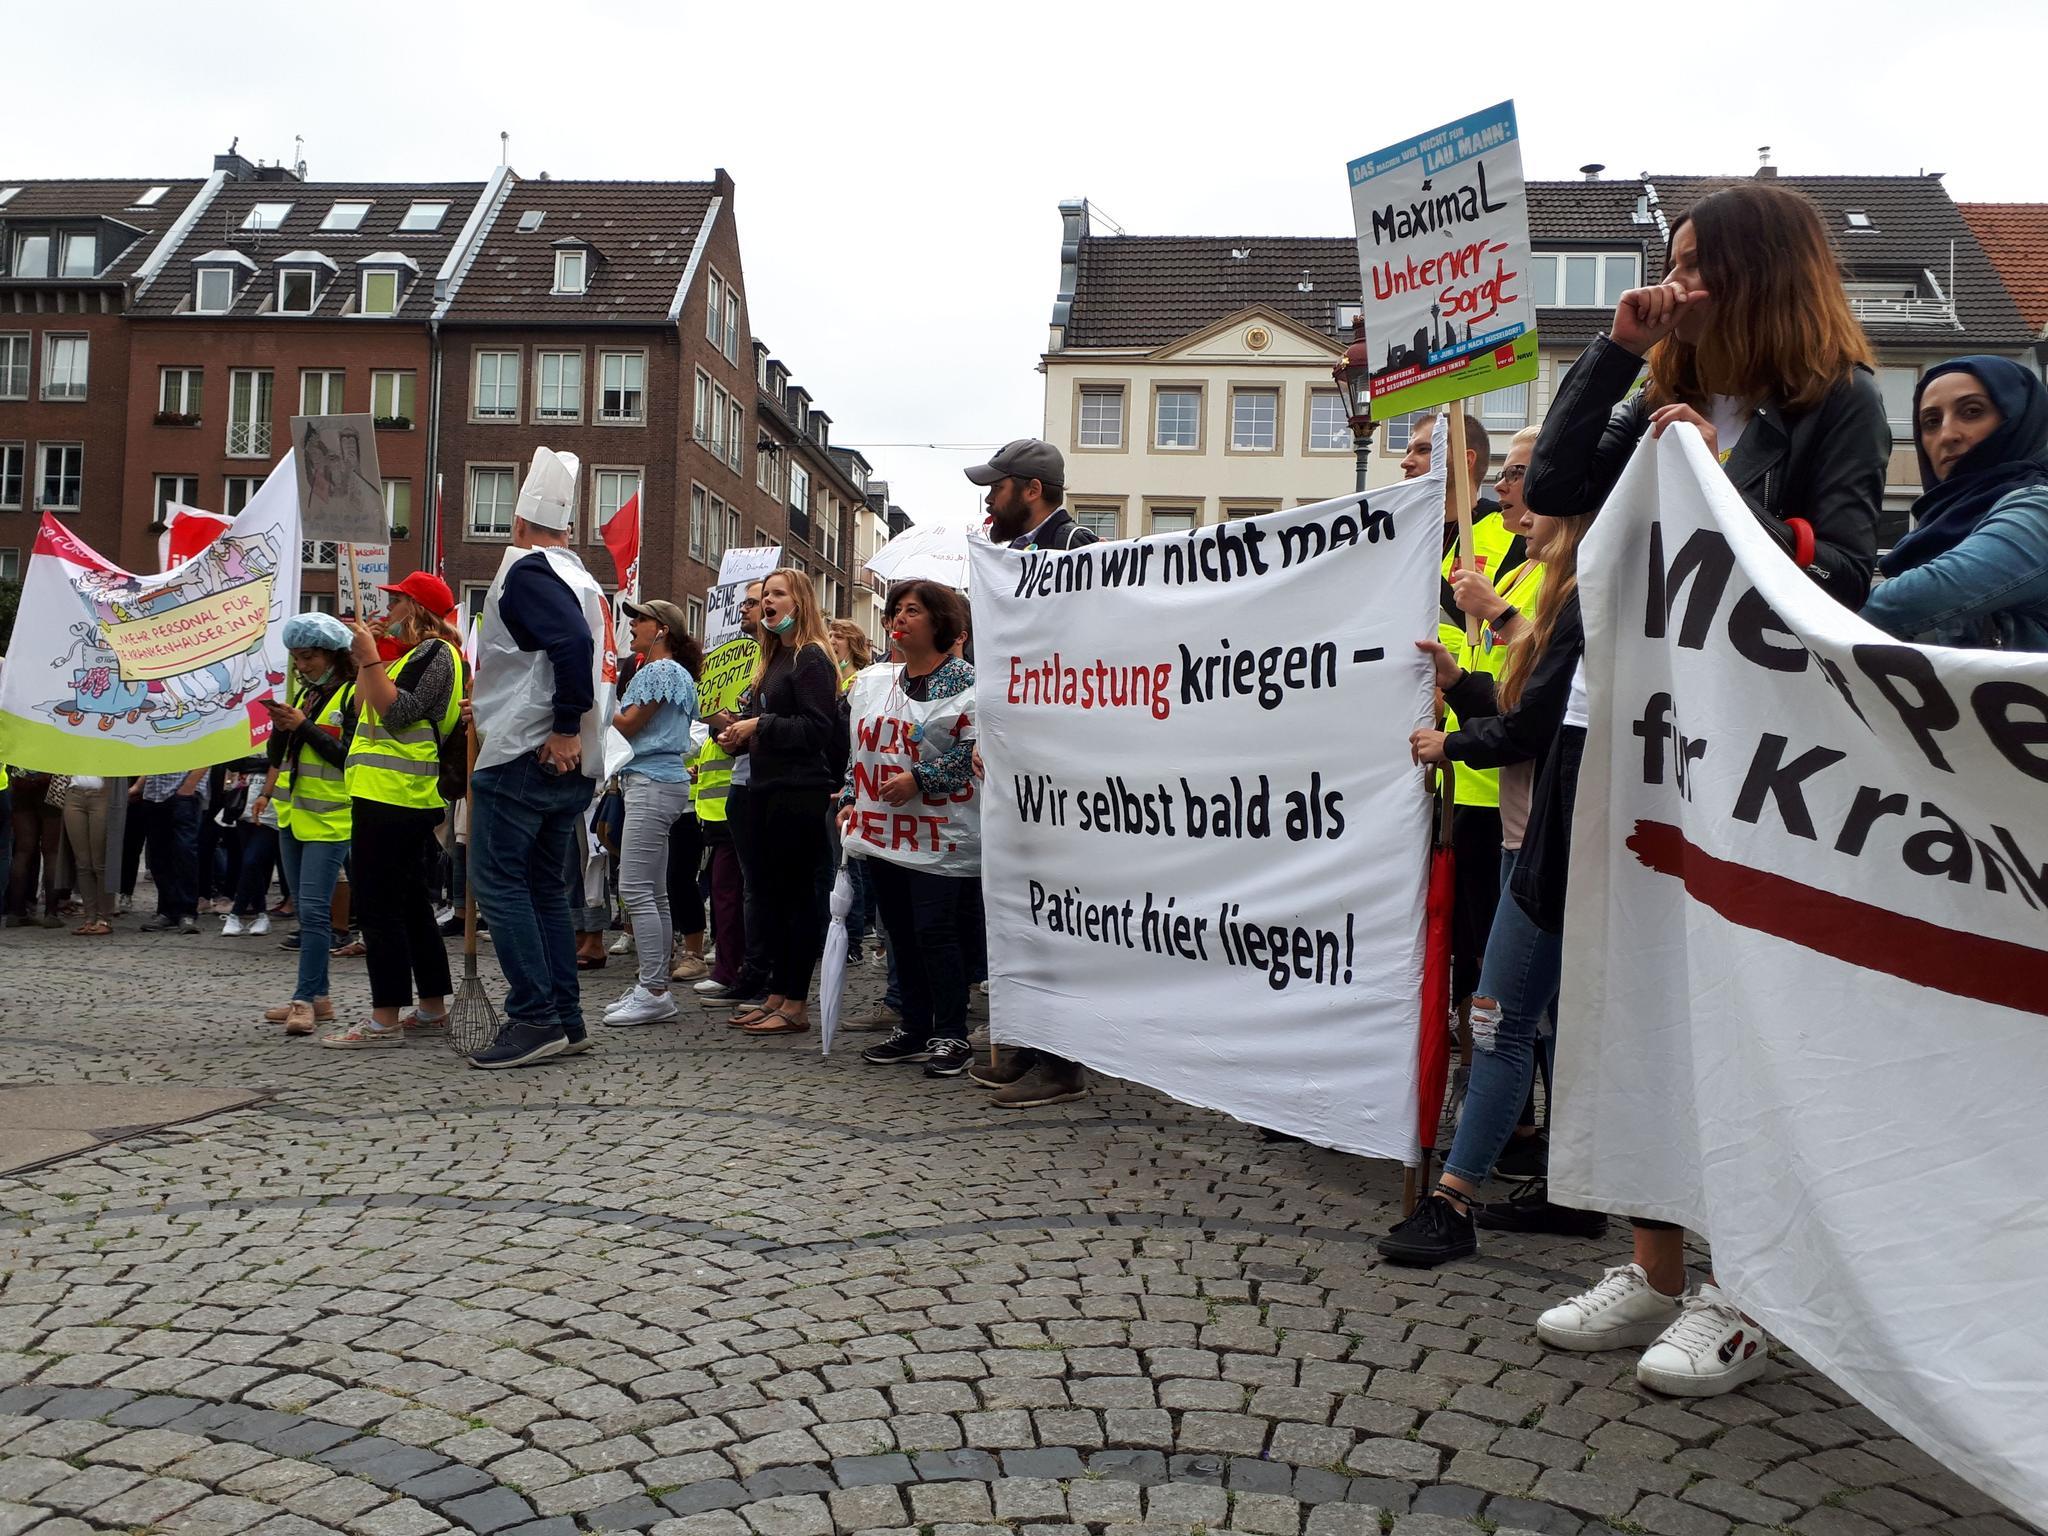 Terren Liegen   Dusseldorf Bergisch Land Uniklinik Streik Dusseldorf Protest Vor